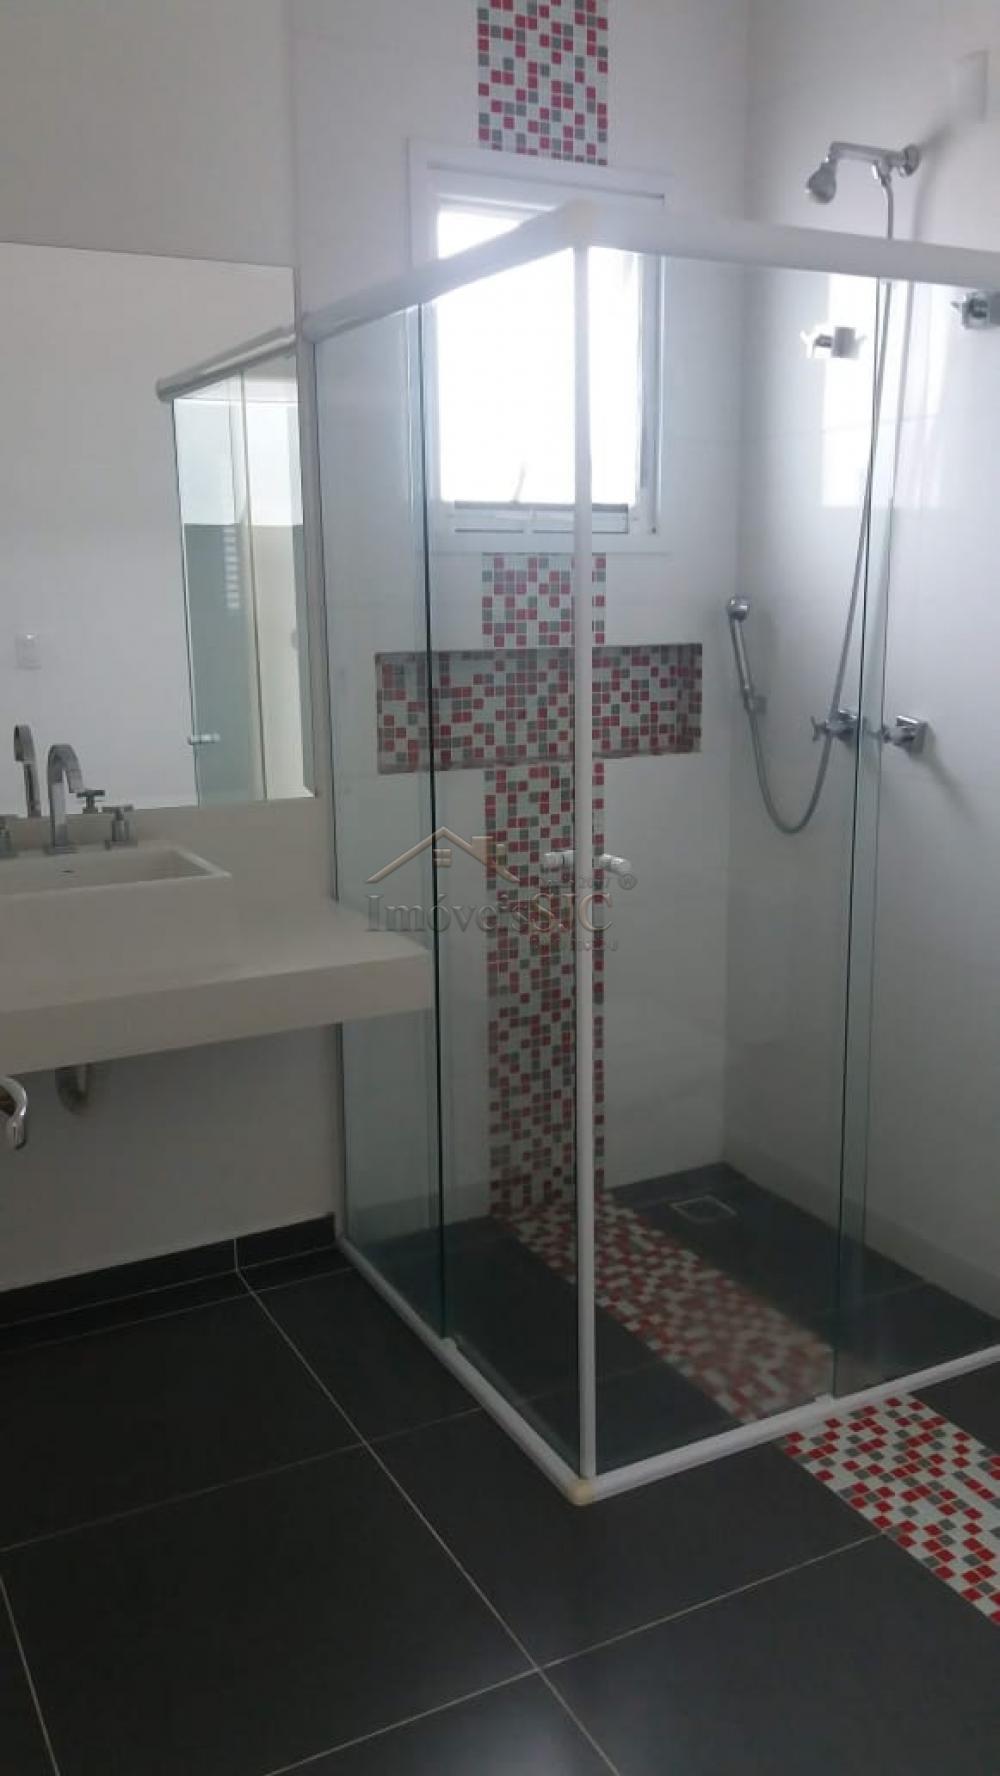 Comprar Casas / Condomínio em São José dos Campos apenas R$ 910.000,00 - Foto 14